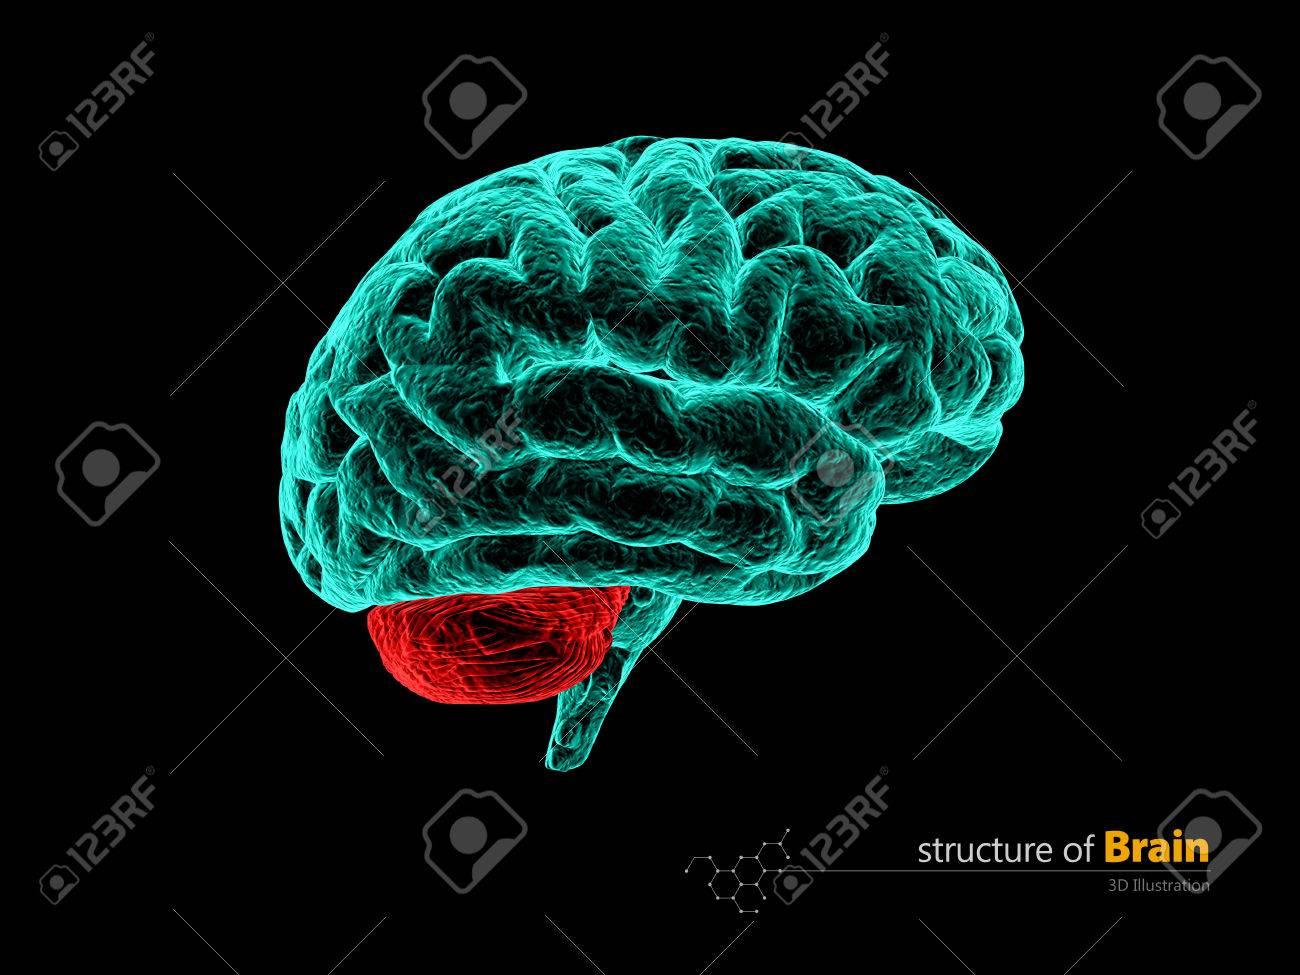 Human Brain Cerebelum Anatomy Structure Human Brain Anatomy